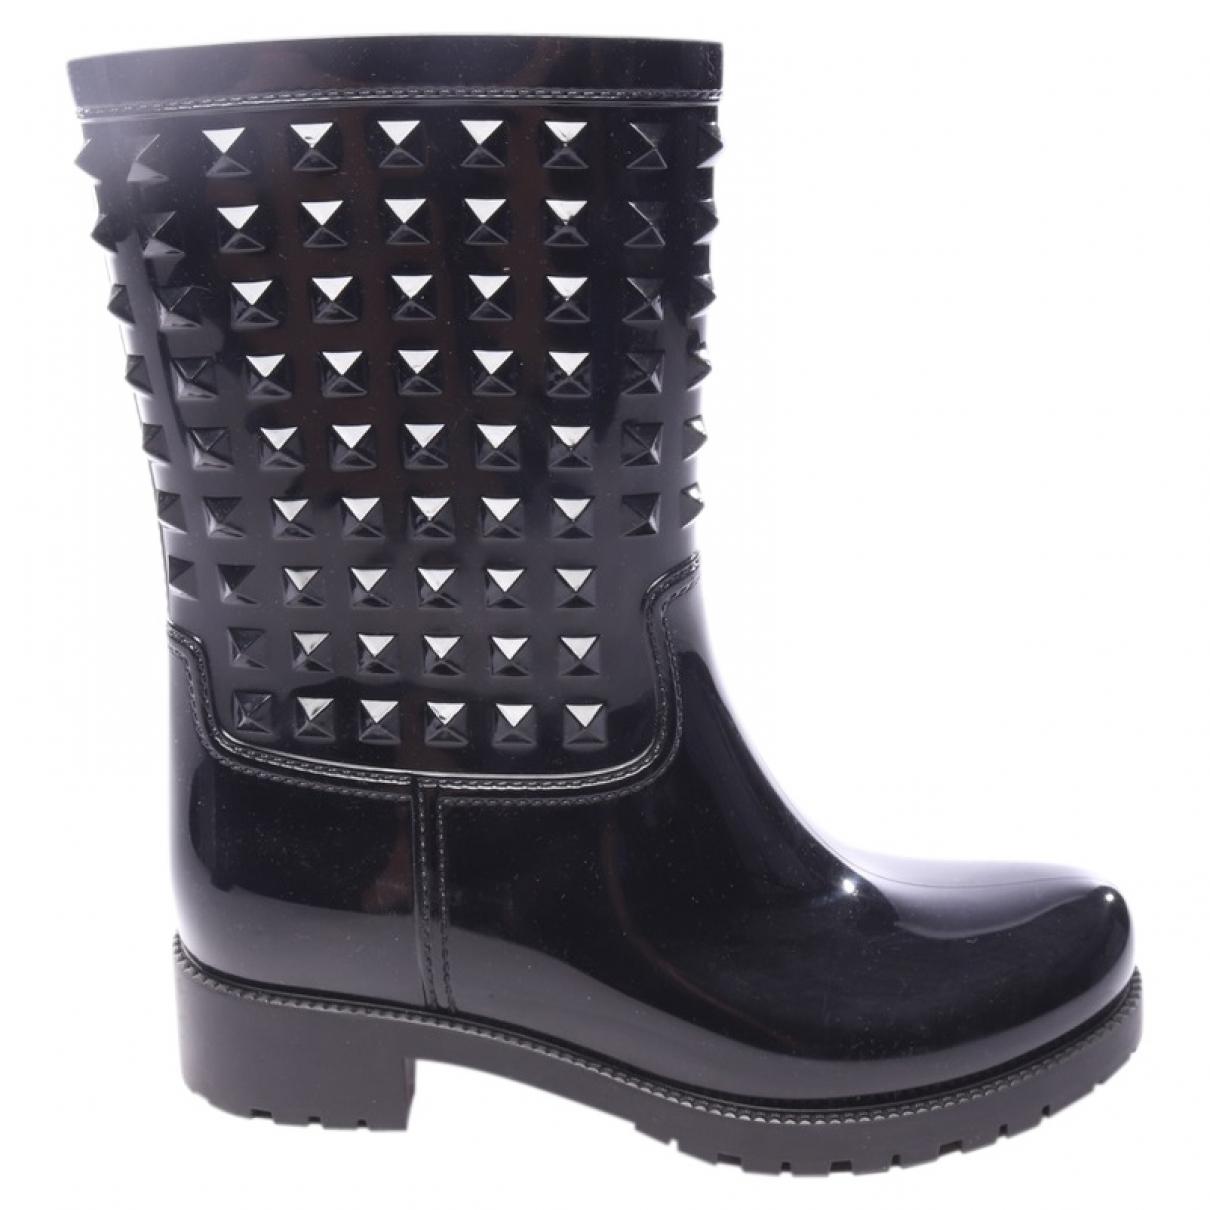 Valentino Garavani - Boots   pour femme en cuir verni - noir